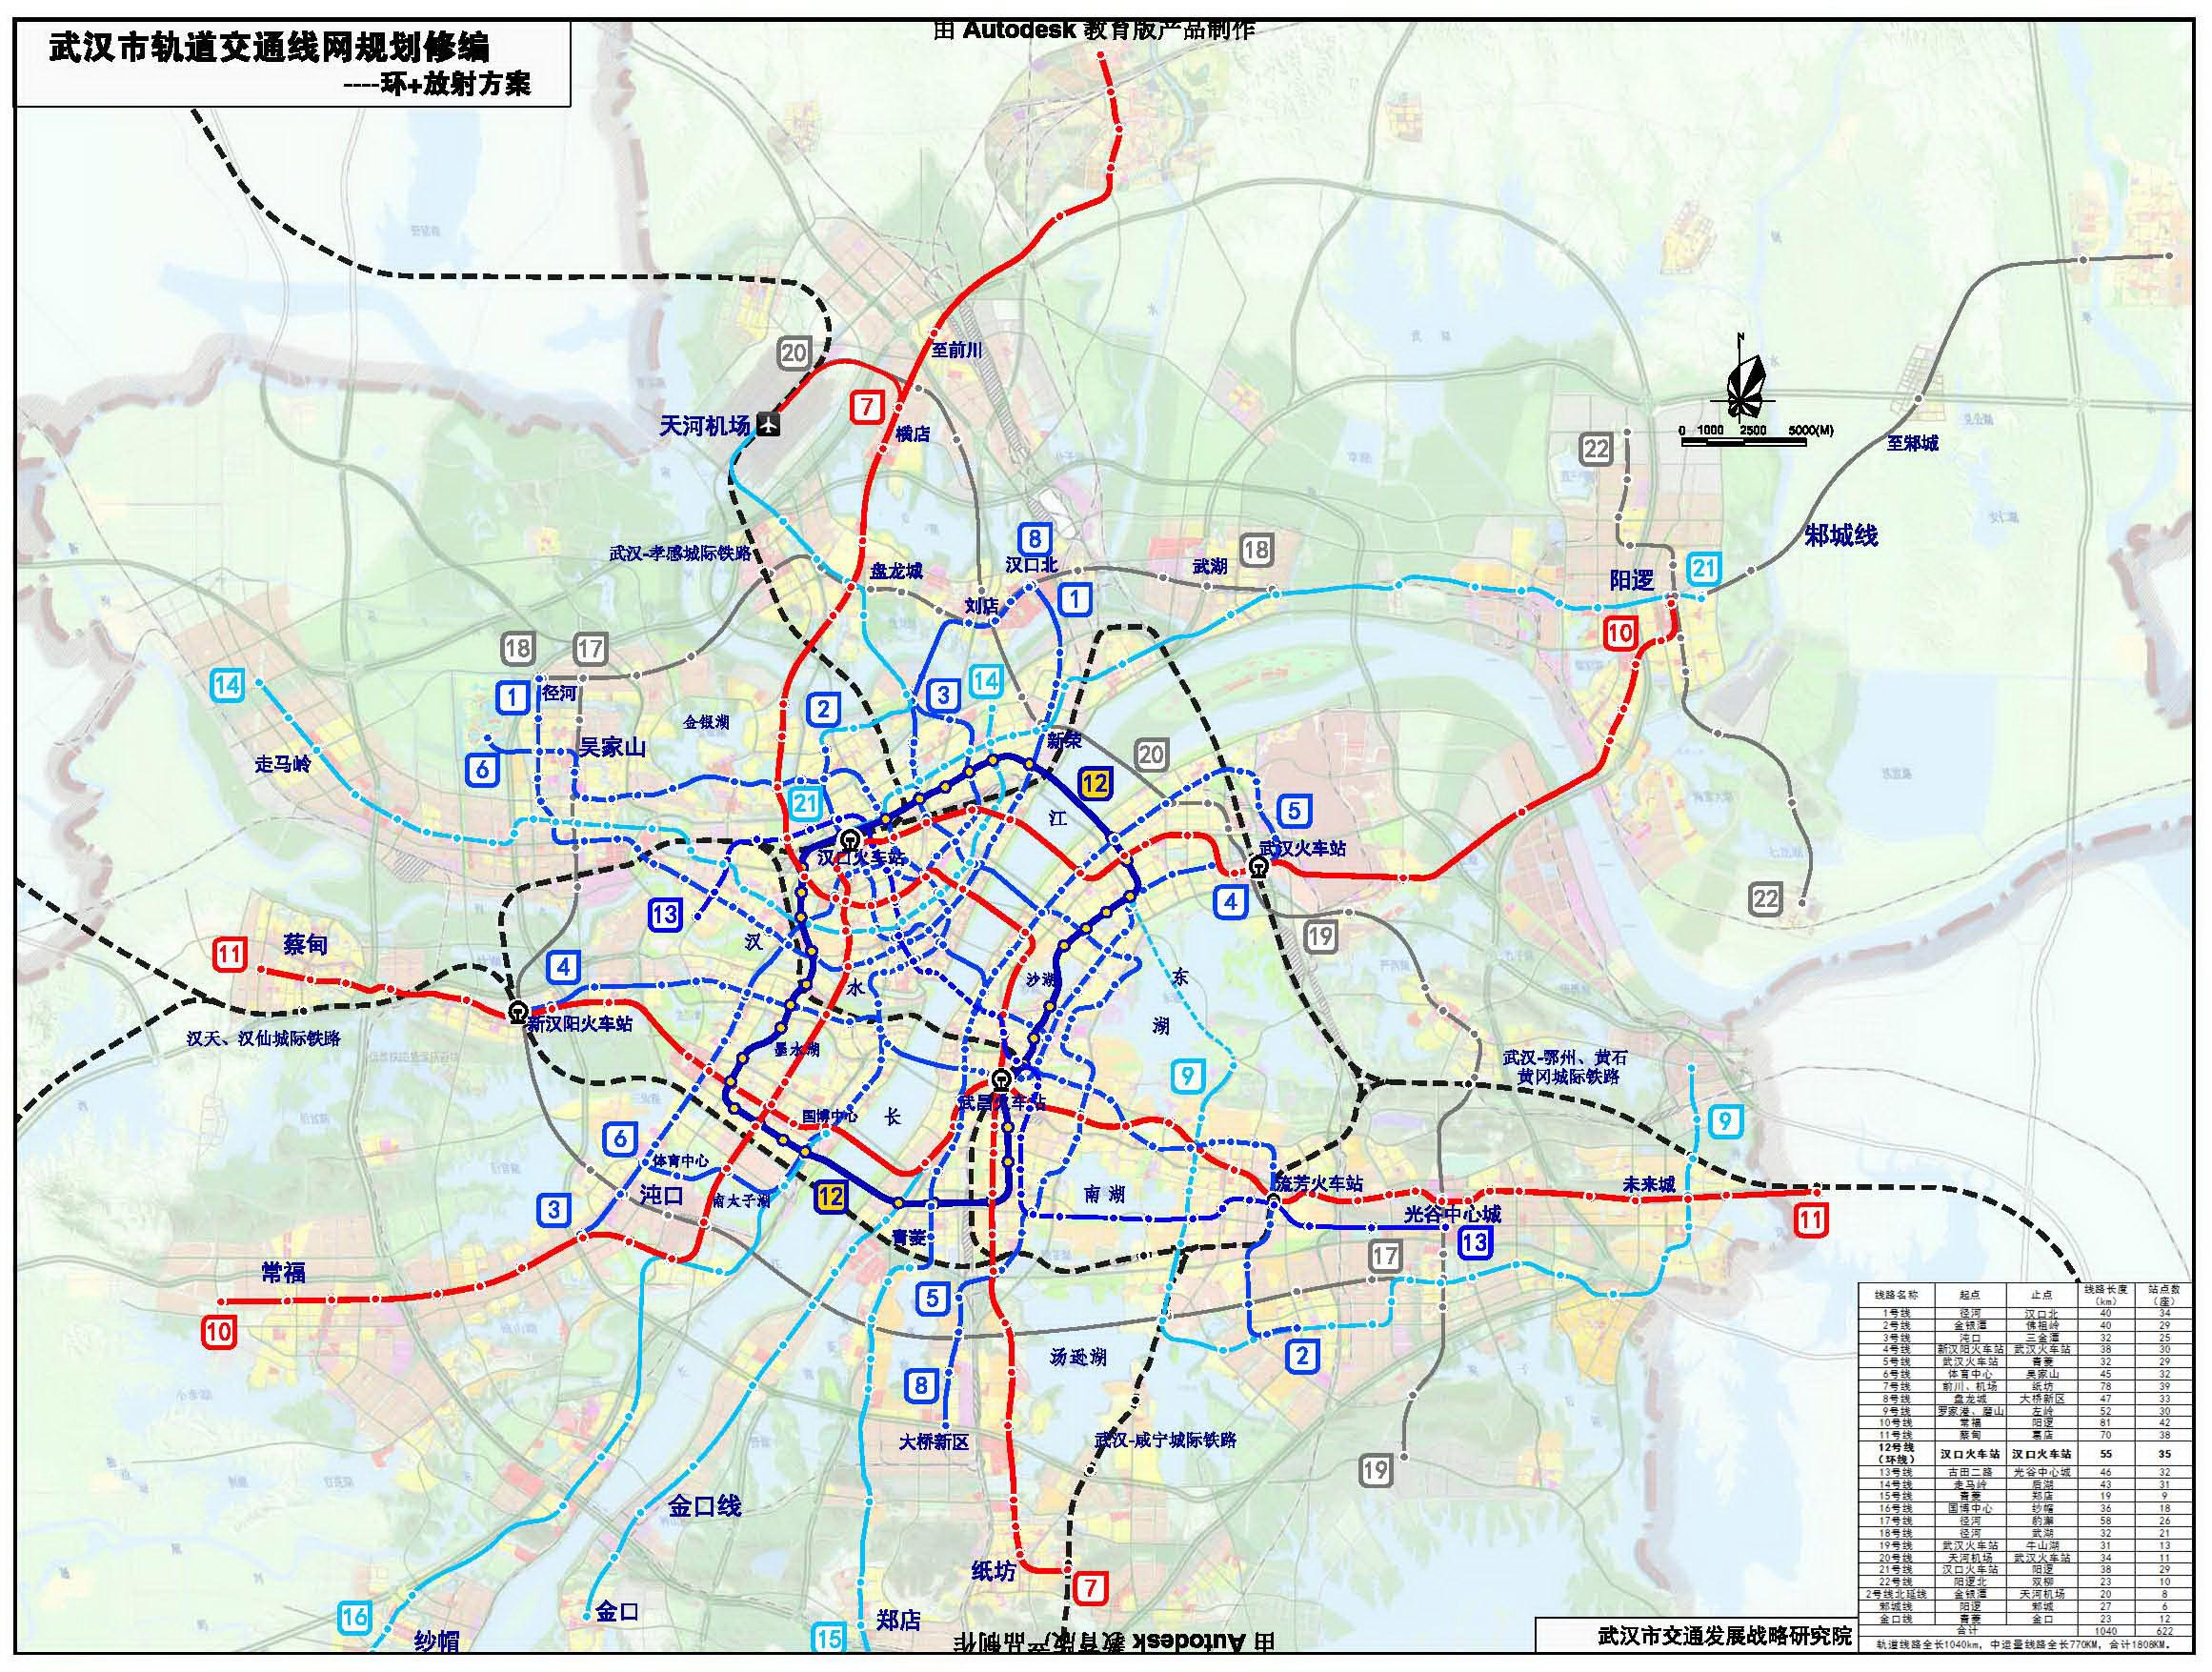 求超高清的武汉地铁规划图终极(2020)版!:维基百科上的线路